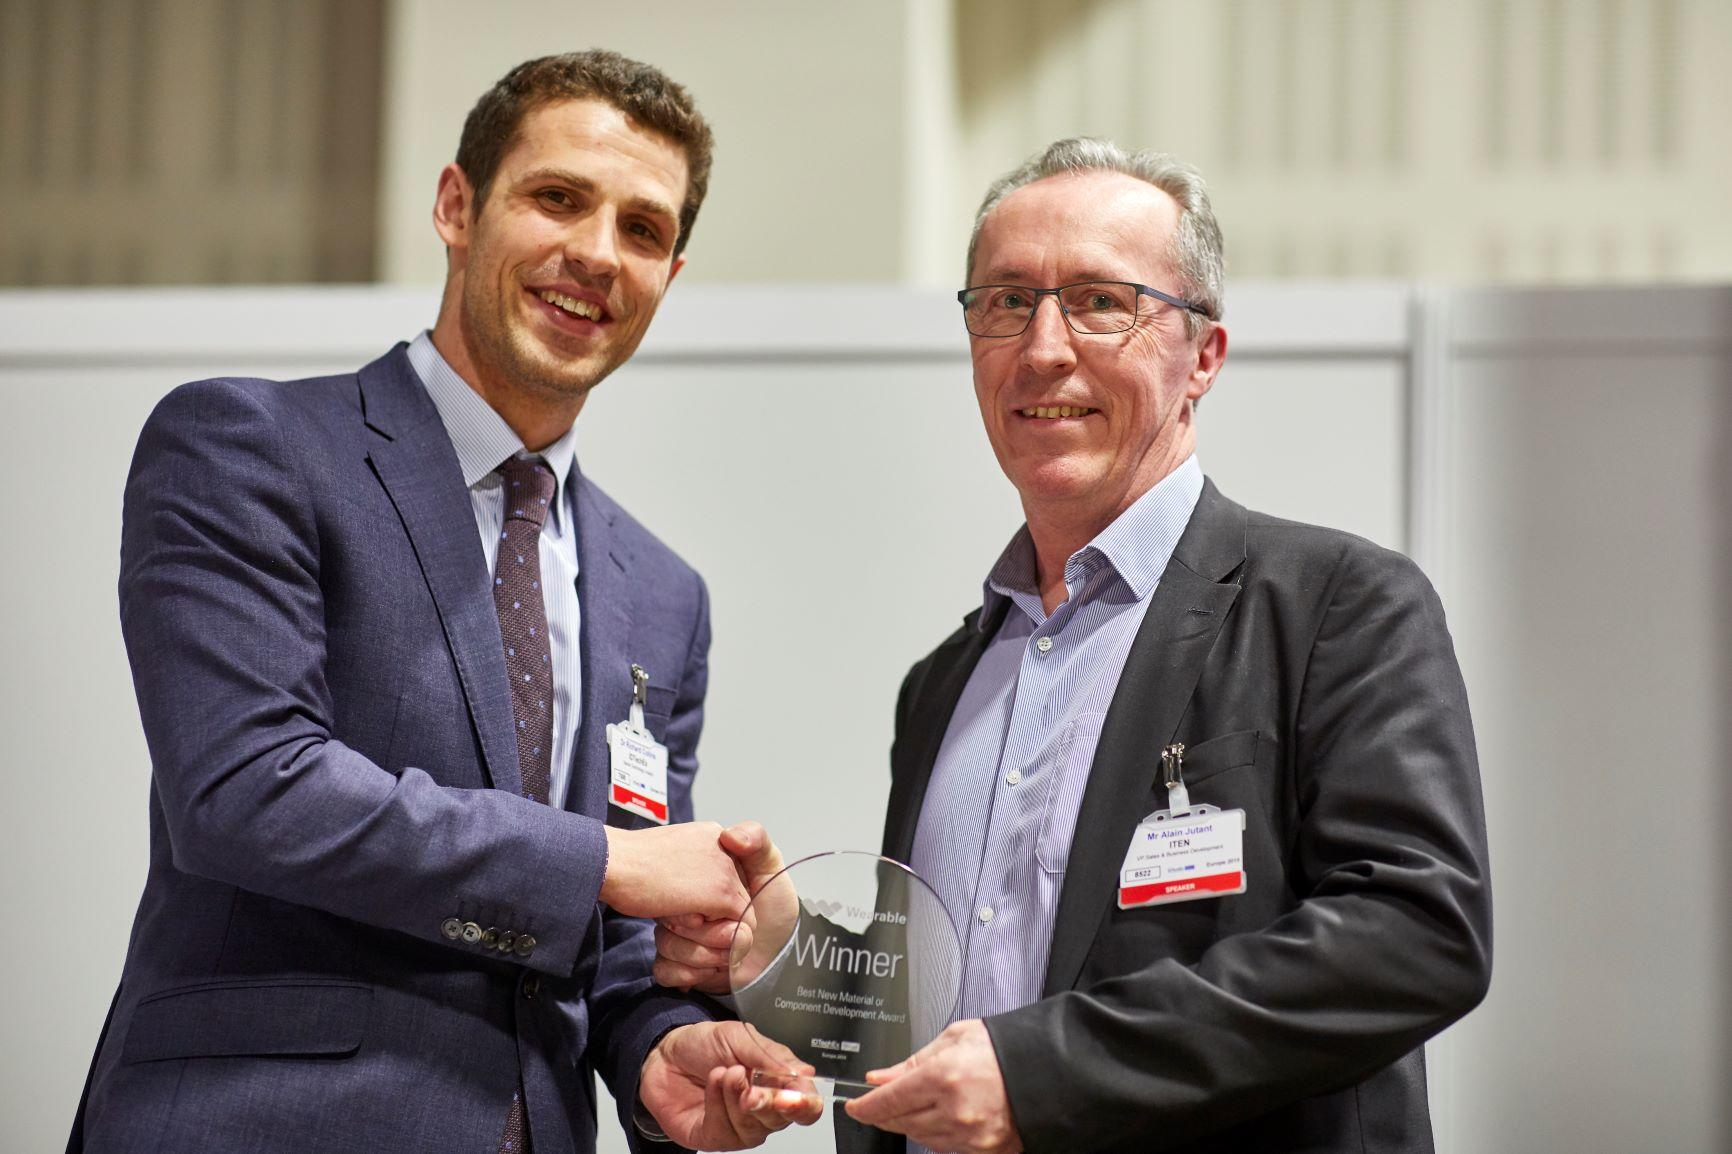 ITEN won award